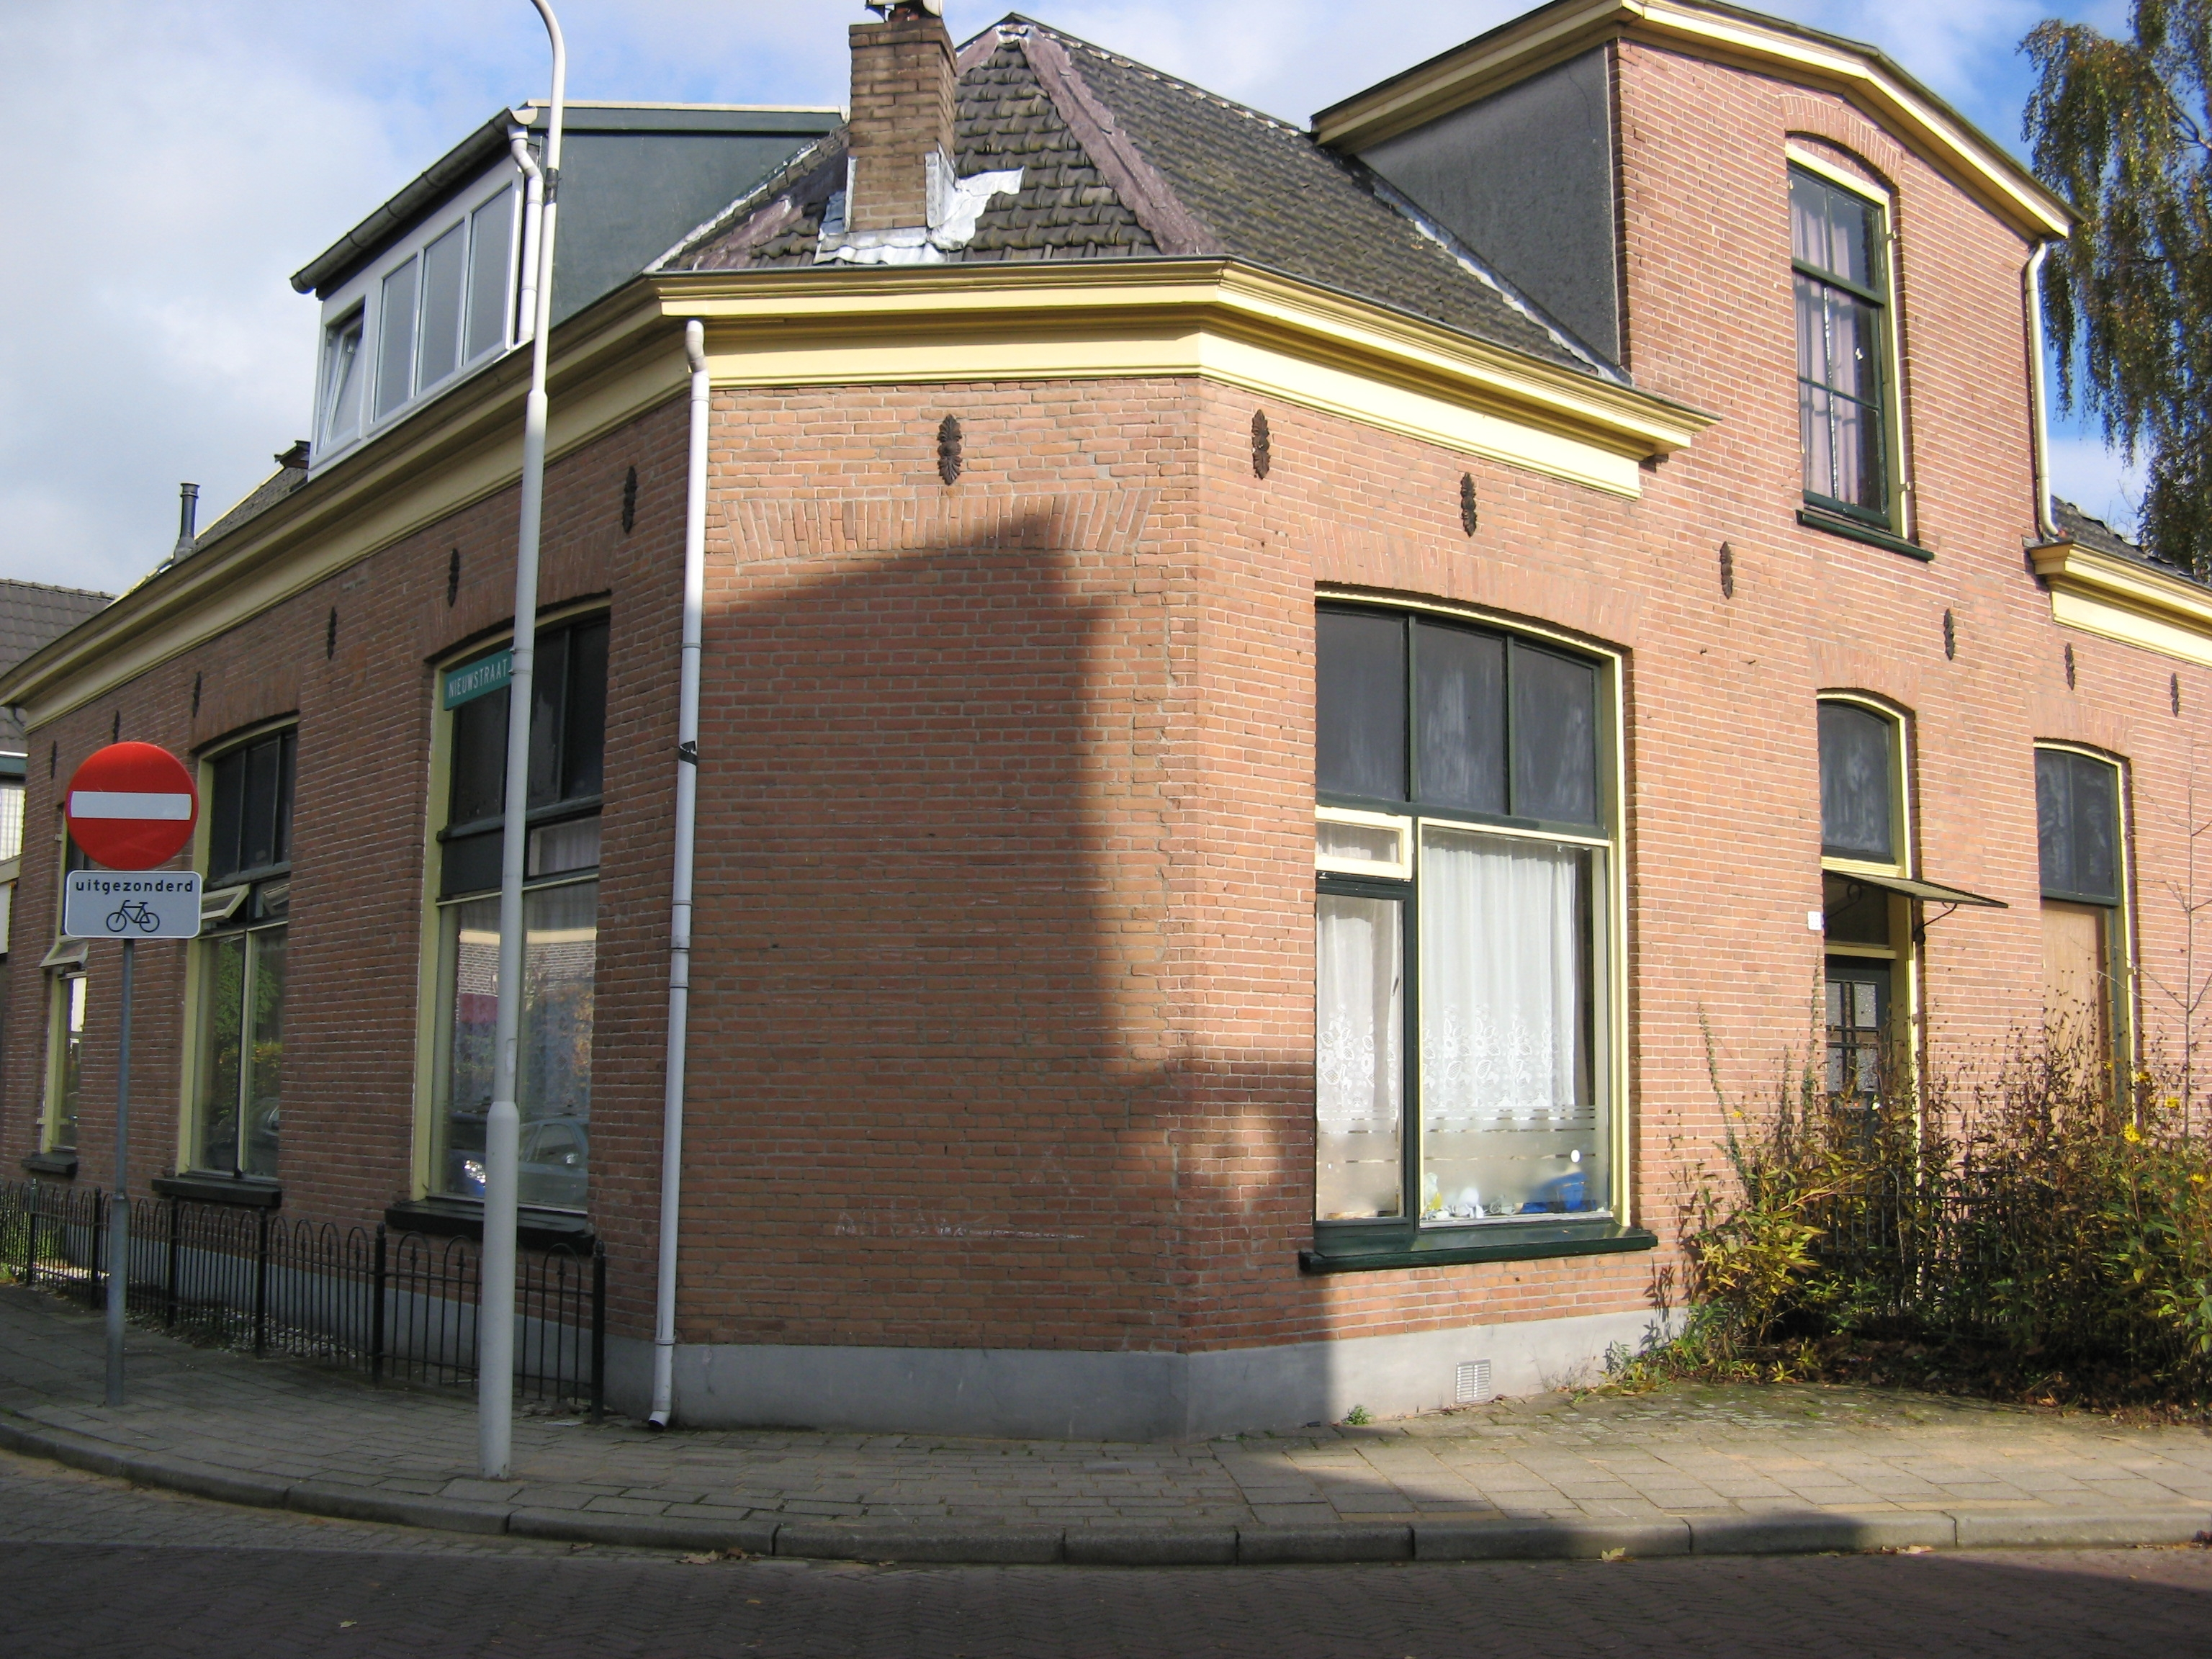 Te huur: Prachtige dubbele kamer in het centrum van Velp!